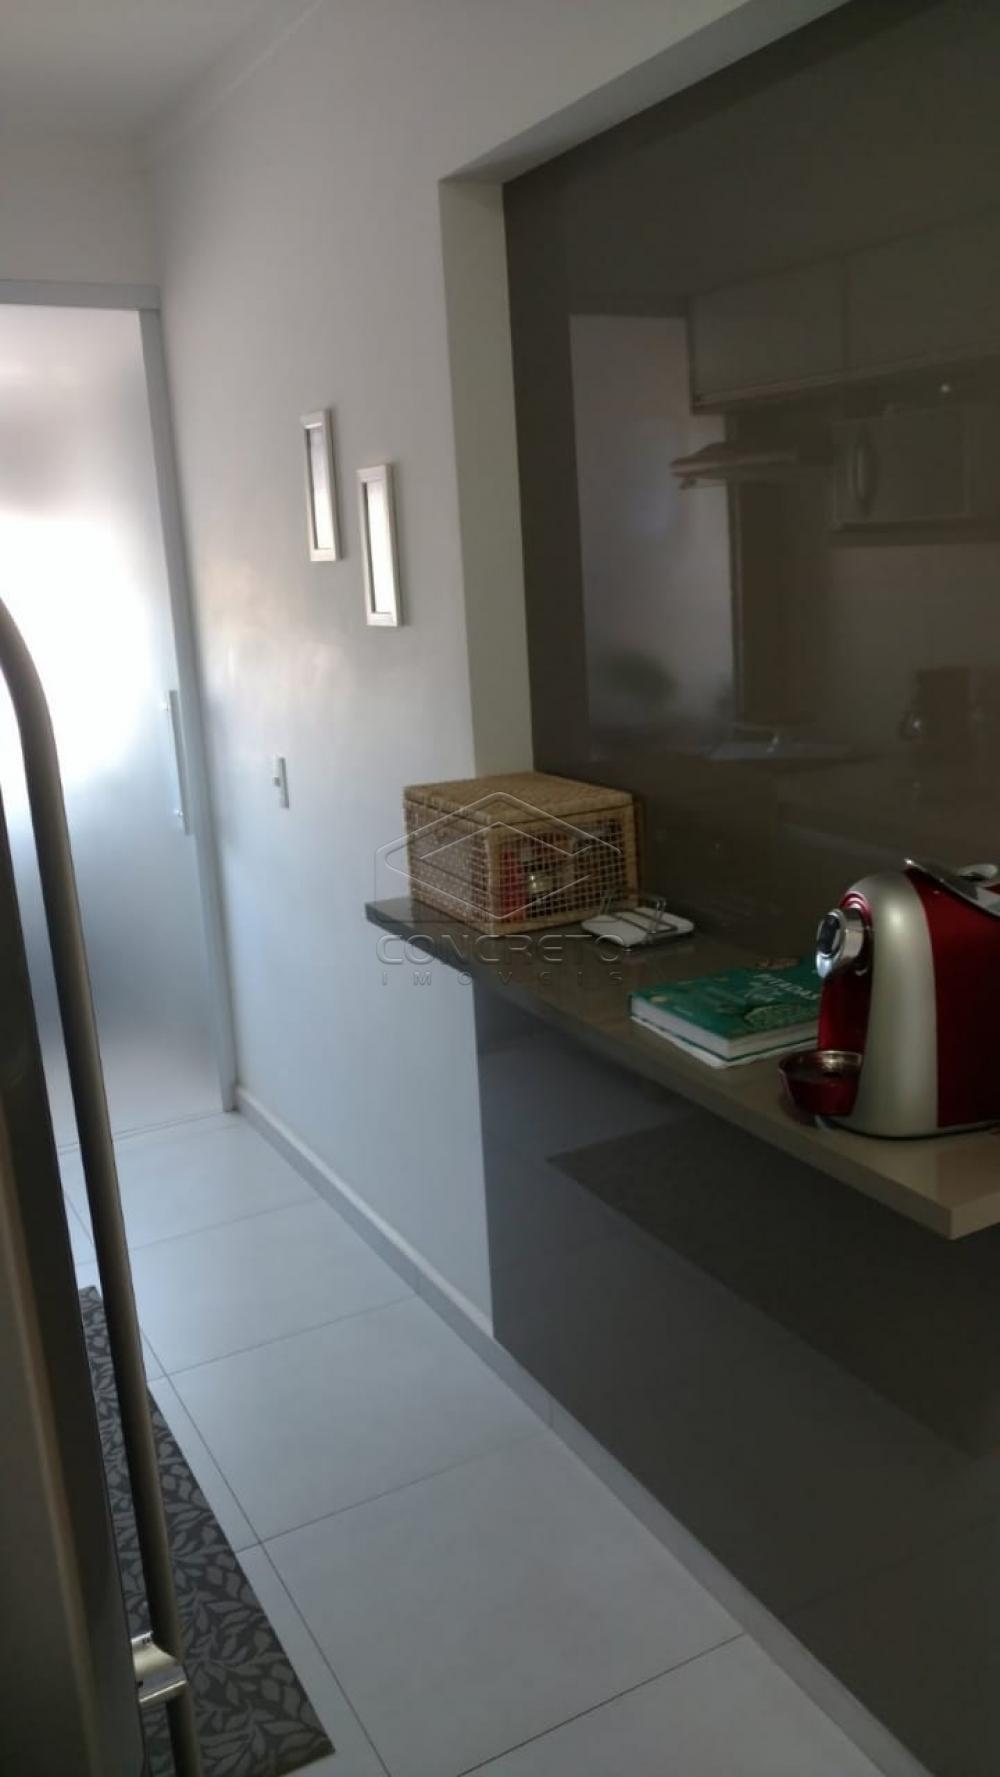 Comprar Apartamento / Padrão em Bauru R$ 640.000,00 - Foto 4